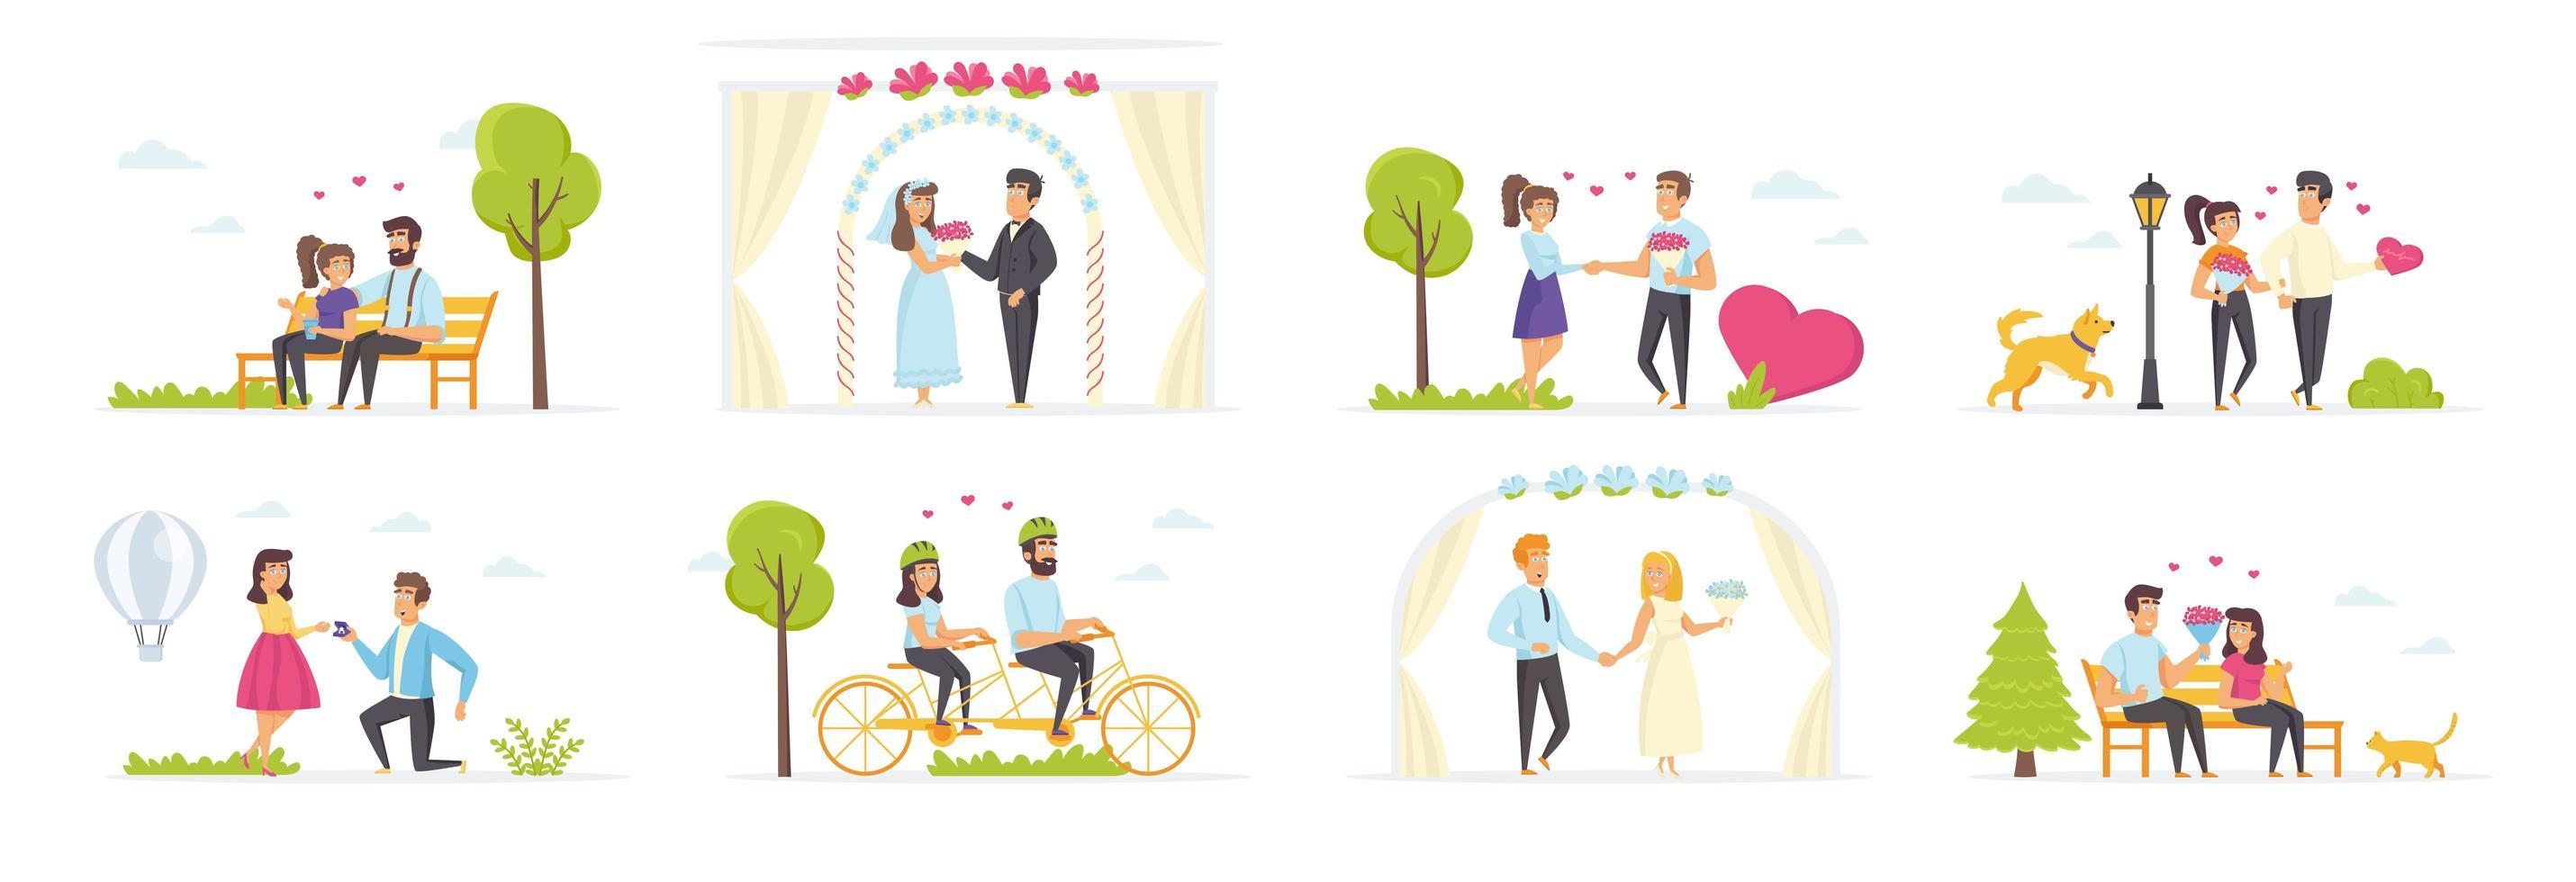 par i kärlek med människor karaktärer vektor